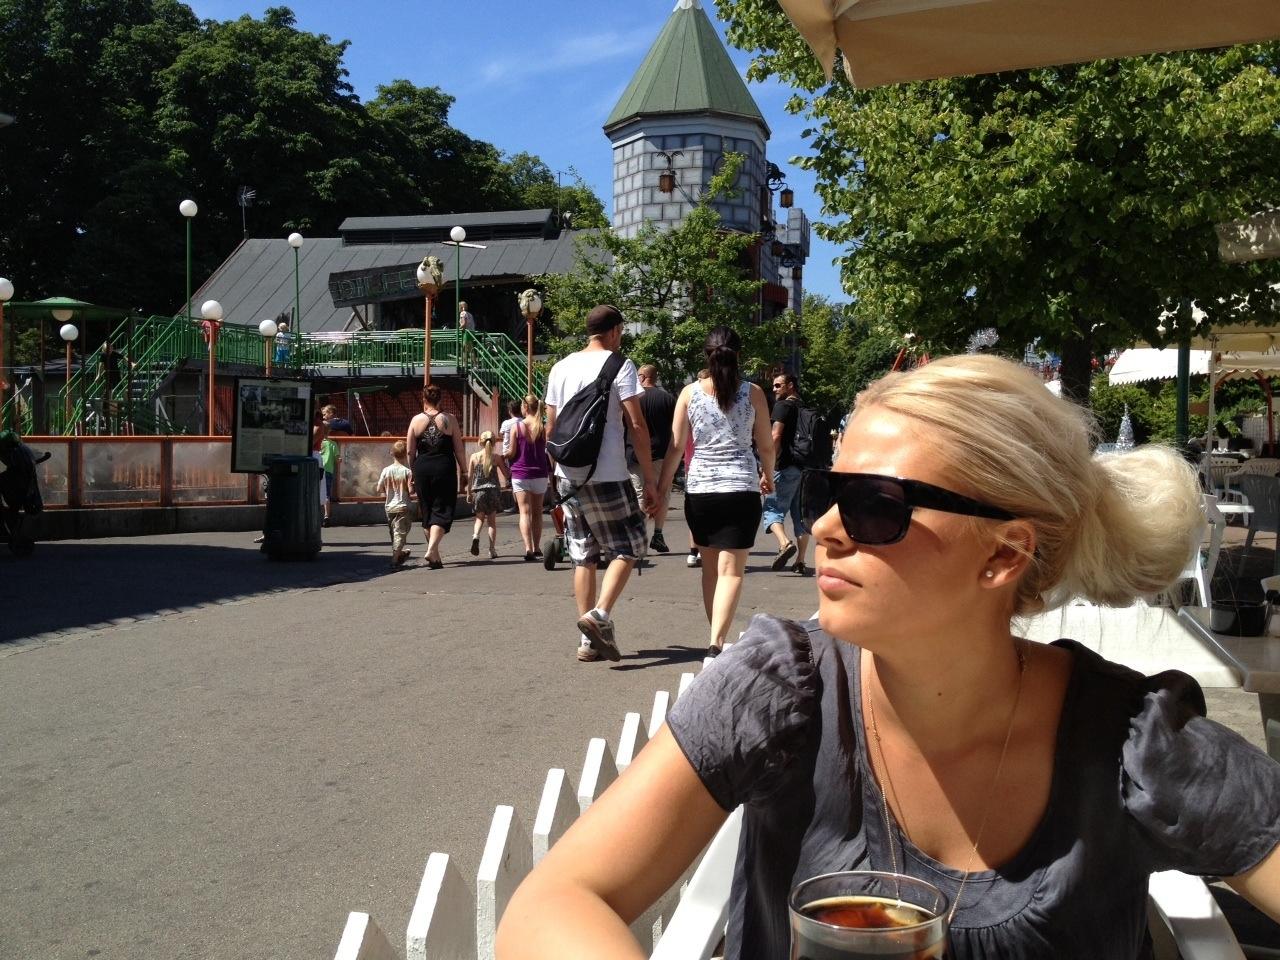 20130722 183357 Jpg - Hyggelig Dag Med Mutti